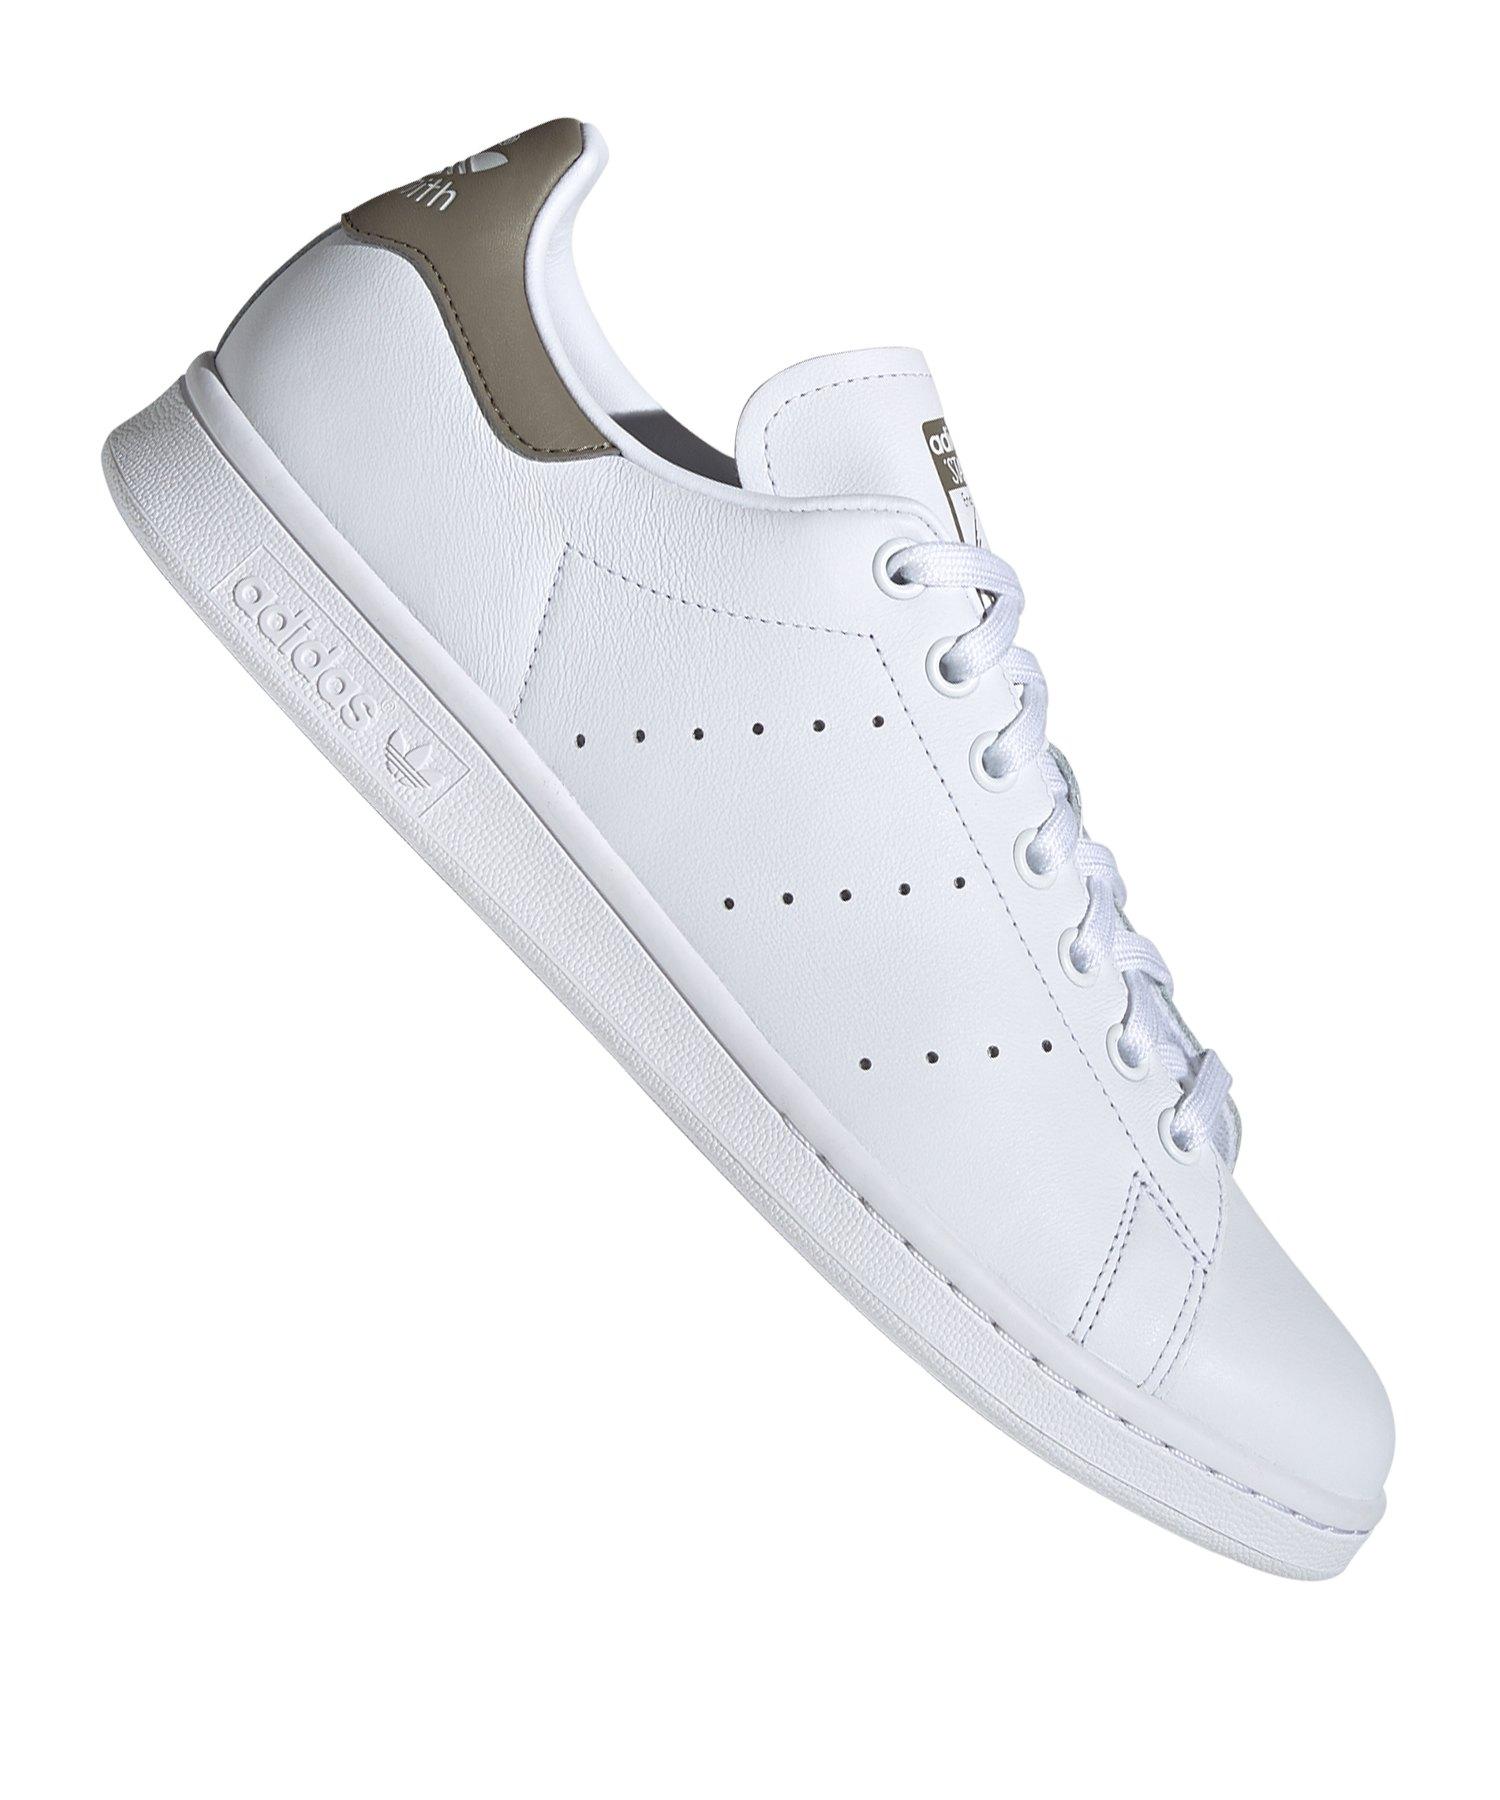 Adidas Stan Smith WeißGrau Herren Originals Schuhe